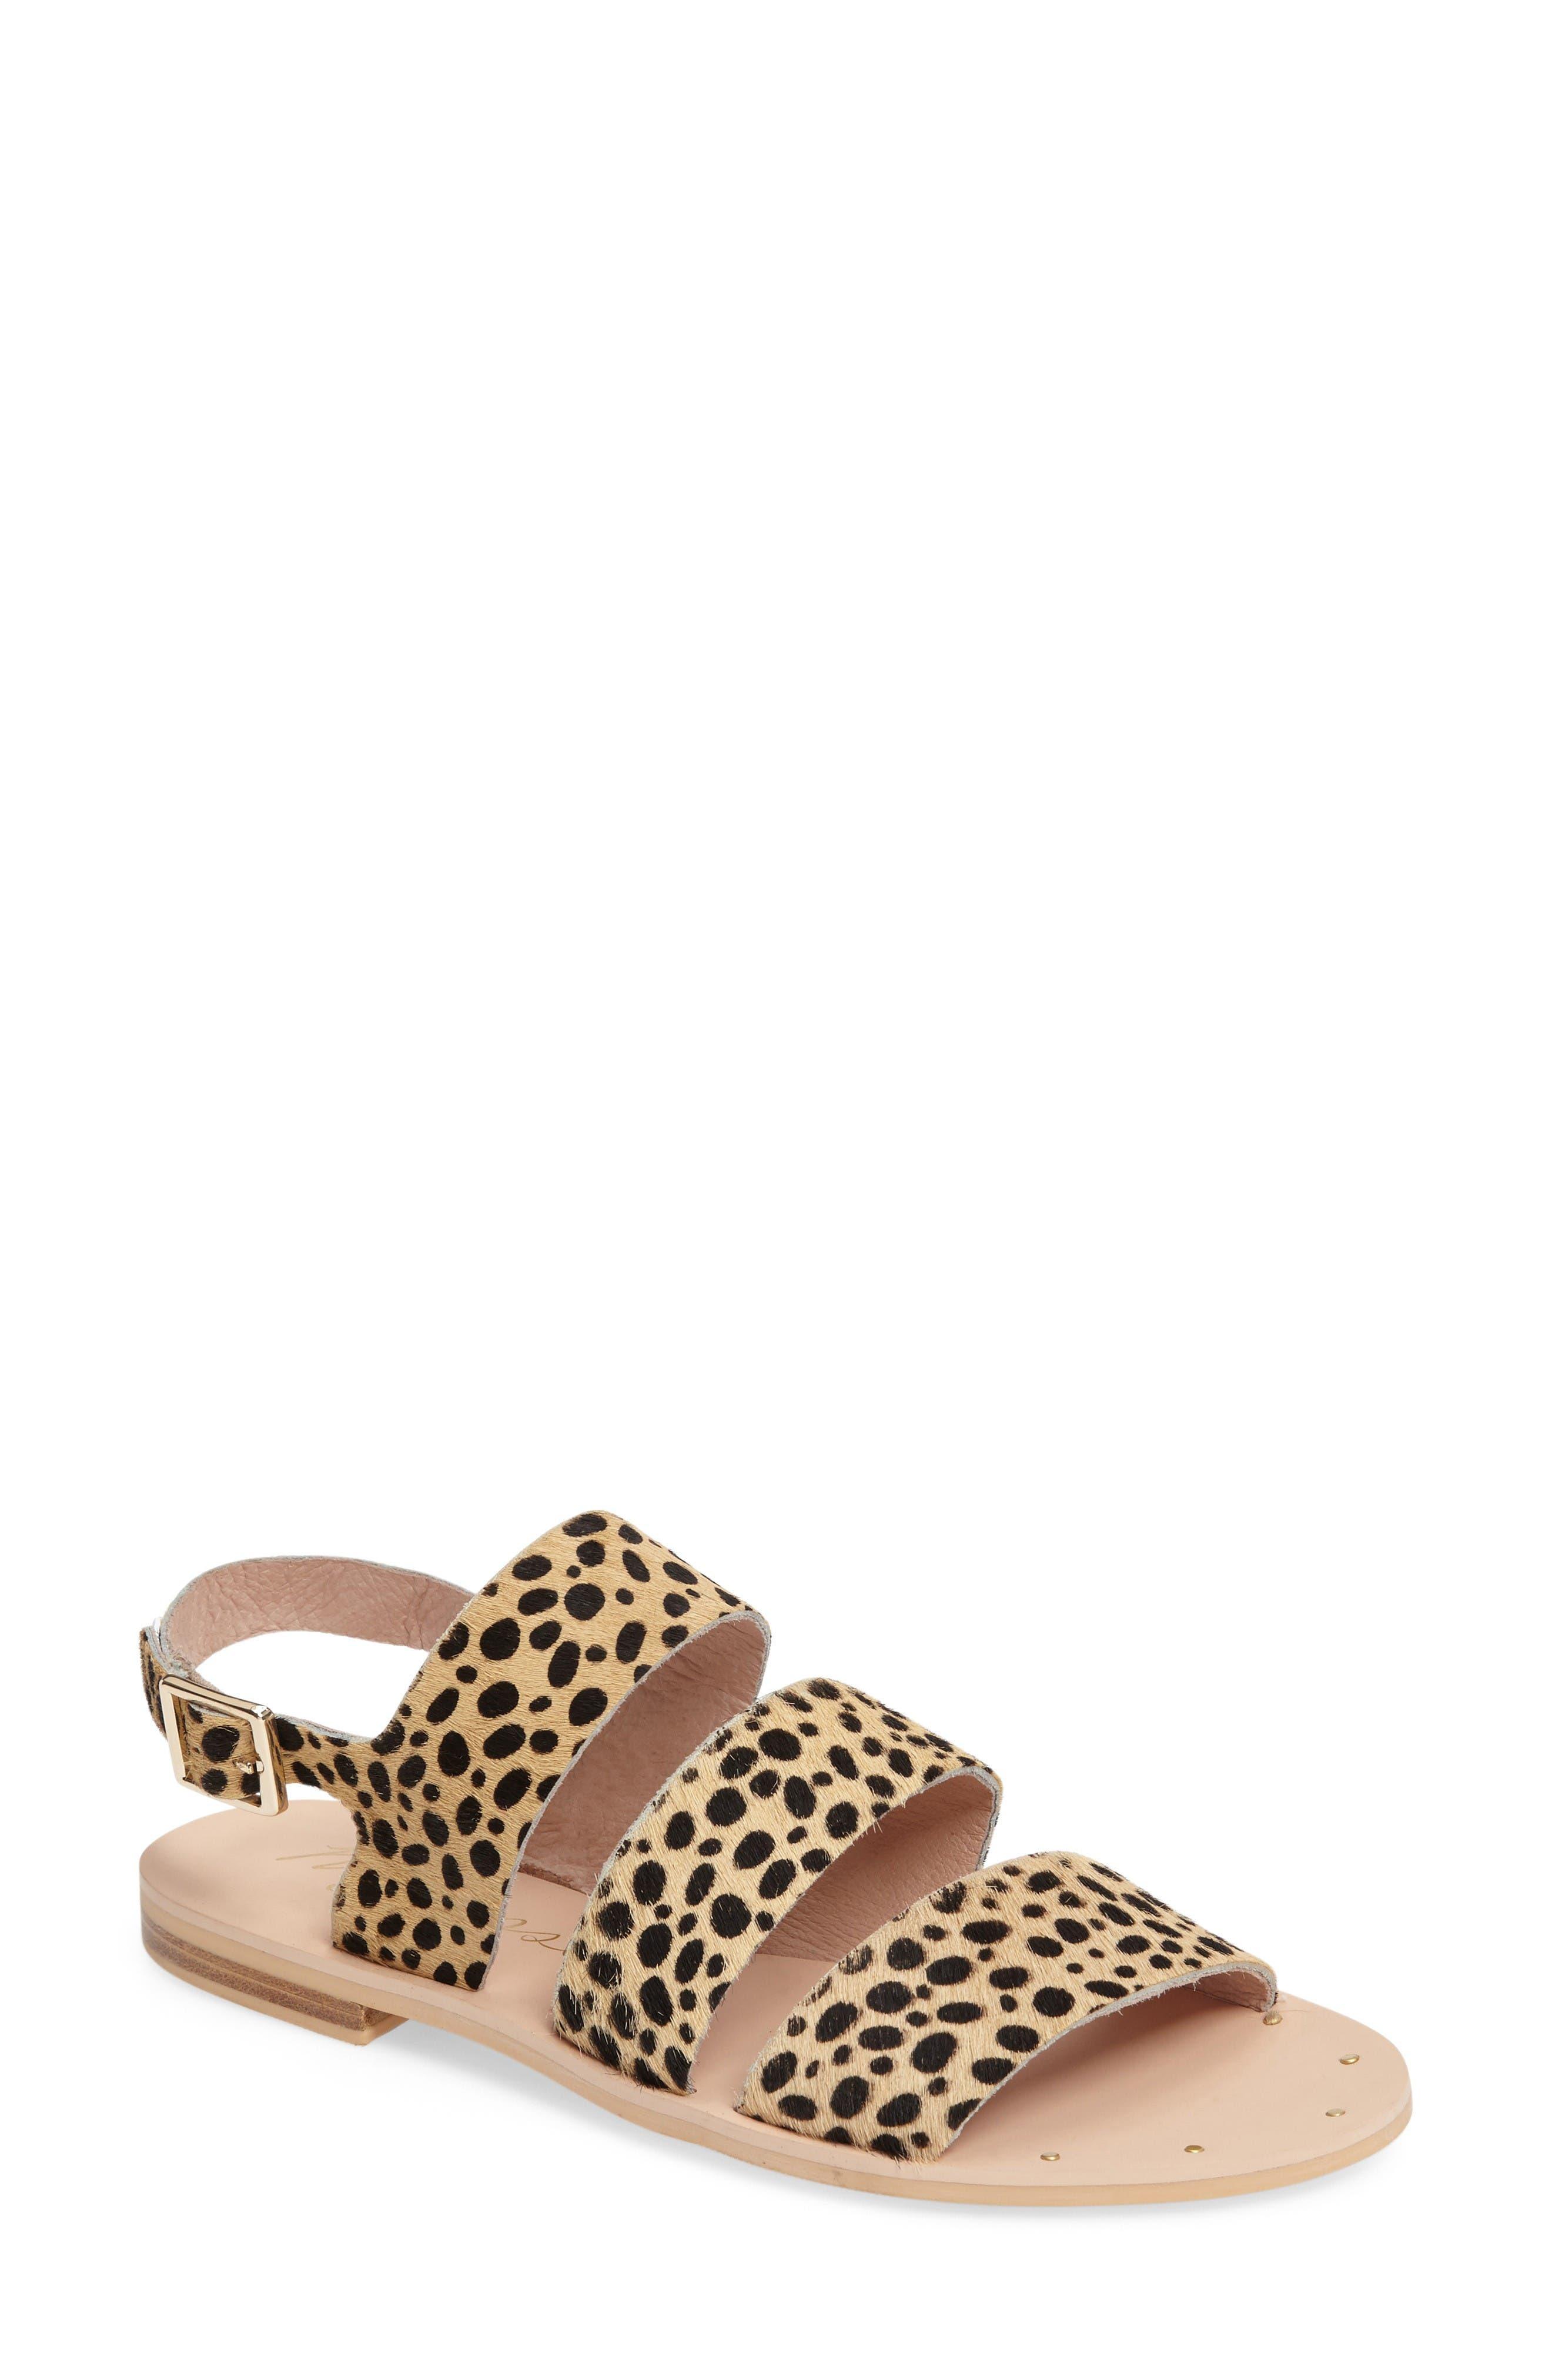 Owen Genuine Calf Hair Sandal,                             Main thumbnail 1, color,                             Leopard Calf Hair